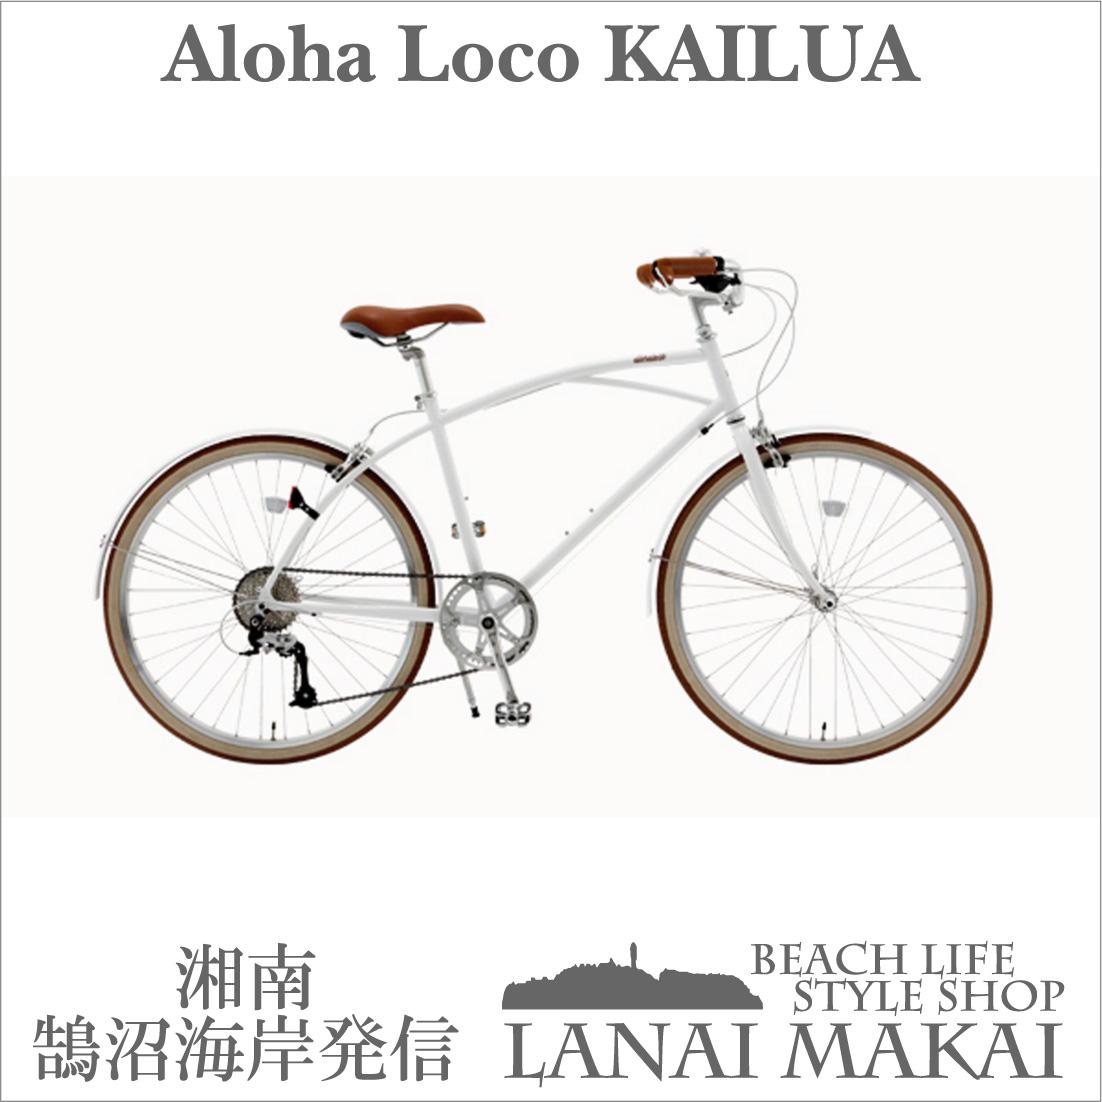 """【Aloha Loco Kailua】アロハロコ カイルア""""26インチカジュアルバイク8段変速""""COL:ホワイト湘南鵠沼海岸発信ビーチクルーザー クロスバイク"""